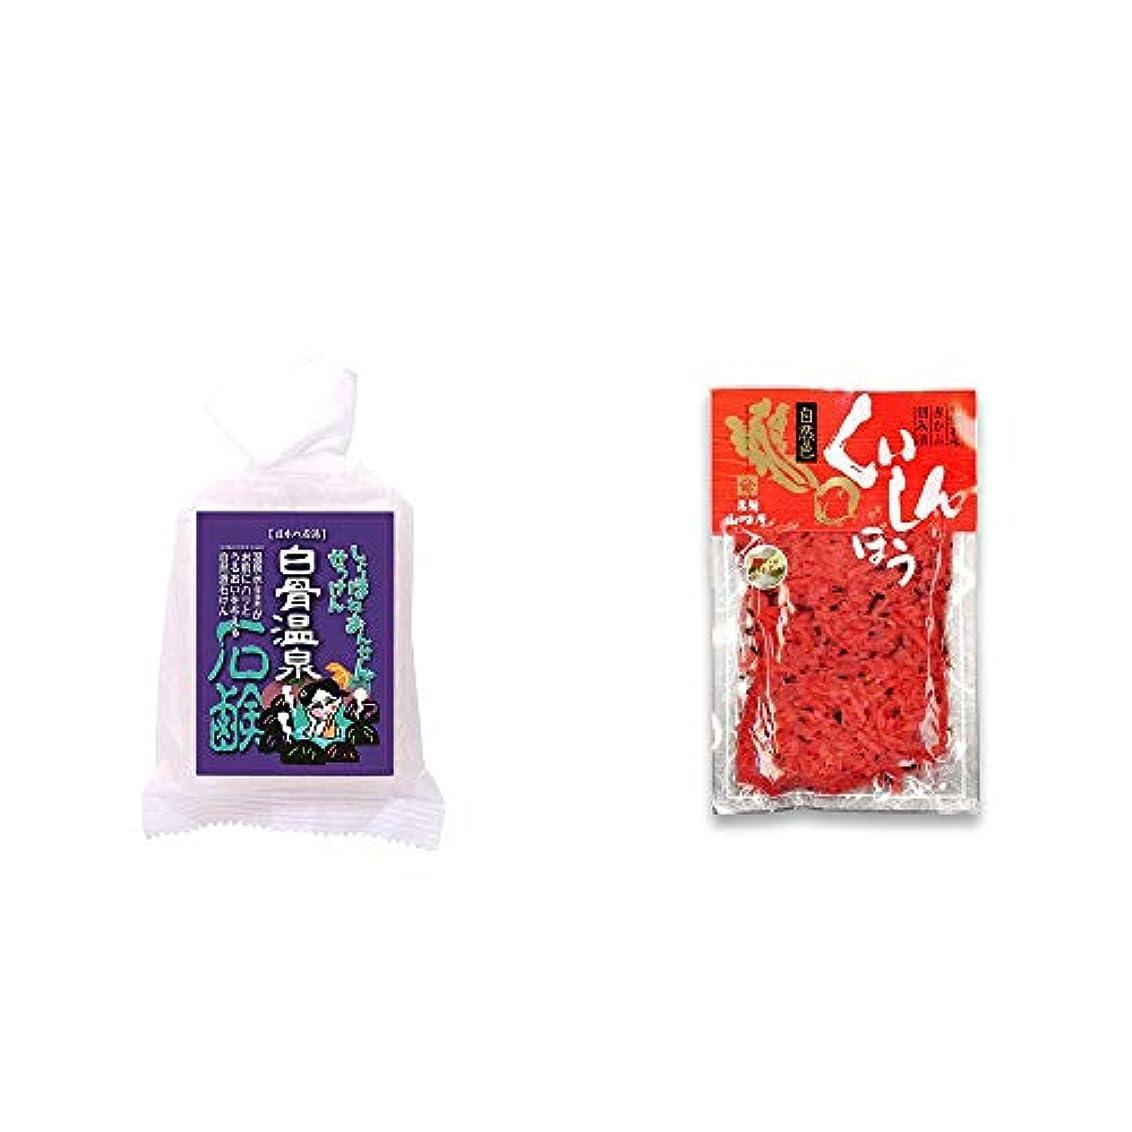 ヒョウイヤホン委託[2点セット] 信州 白骨温泉石鹸(80g)?飛騨山味屋 くいしんぼう【小】 (160g)